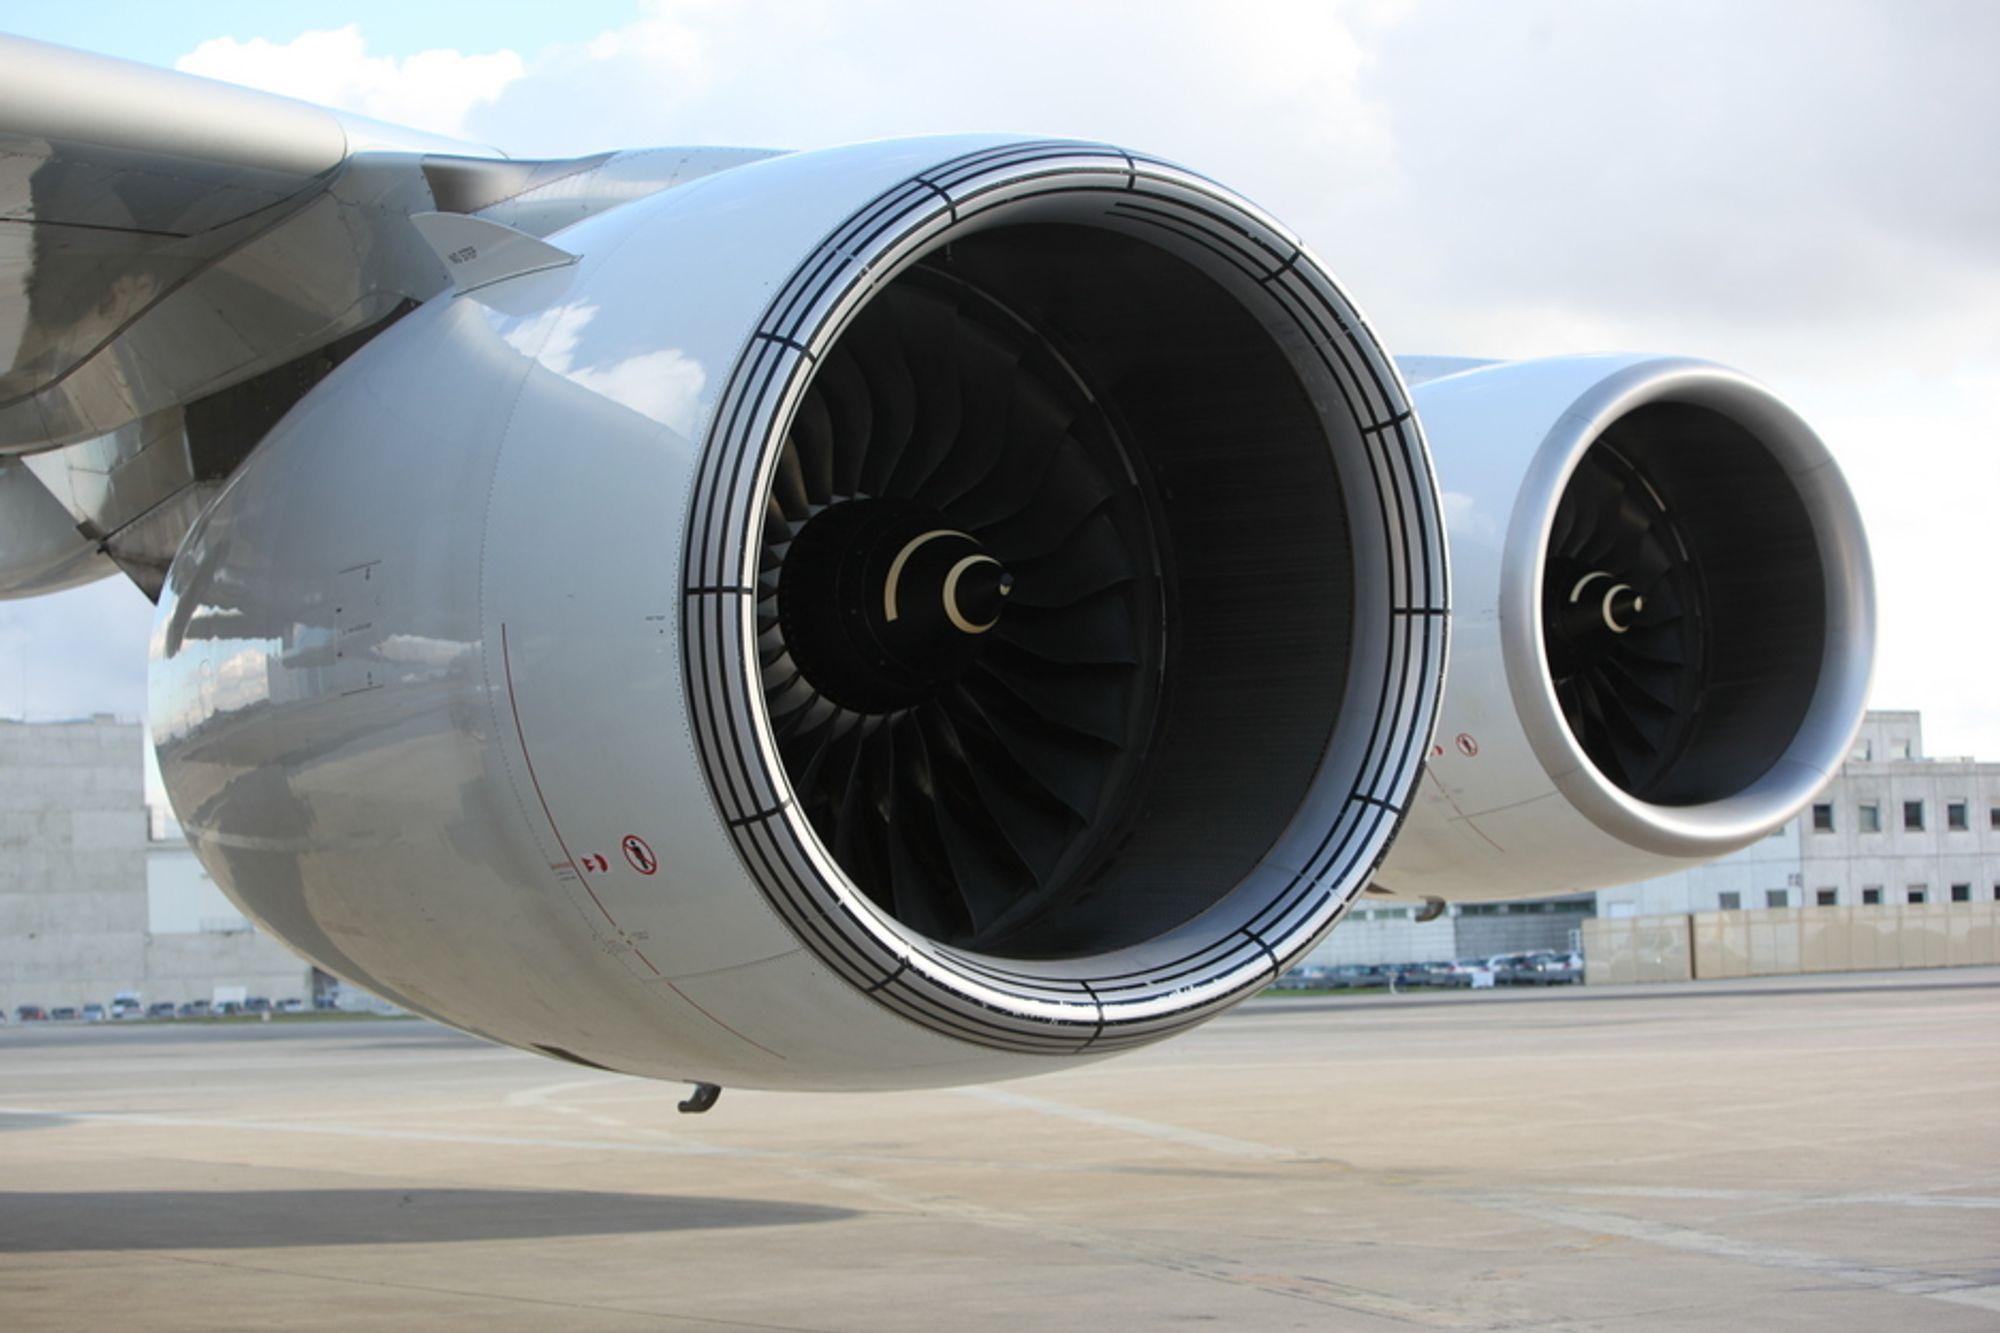 VOLDSOMME VIFTER: To Rolls-Royce Trent 900-motorer på vingen av en Airbus 380-841 (den første som ble bygget - MSN 001). Disse Trent-motorene yter 70 000 pund skyvekraft hver. Superjumboen kan også leveres med GP 7000-motorer fra Engine Alliance, altså General Electric og Pratt & Whitney.